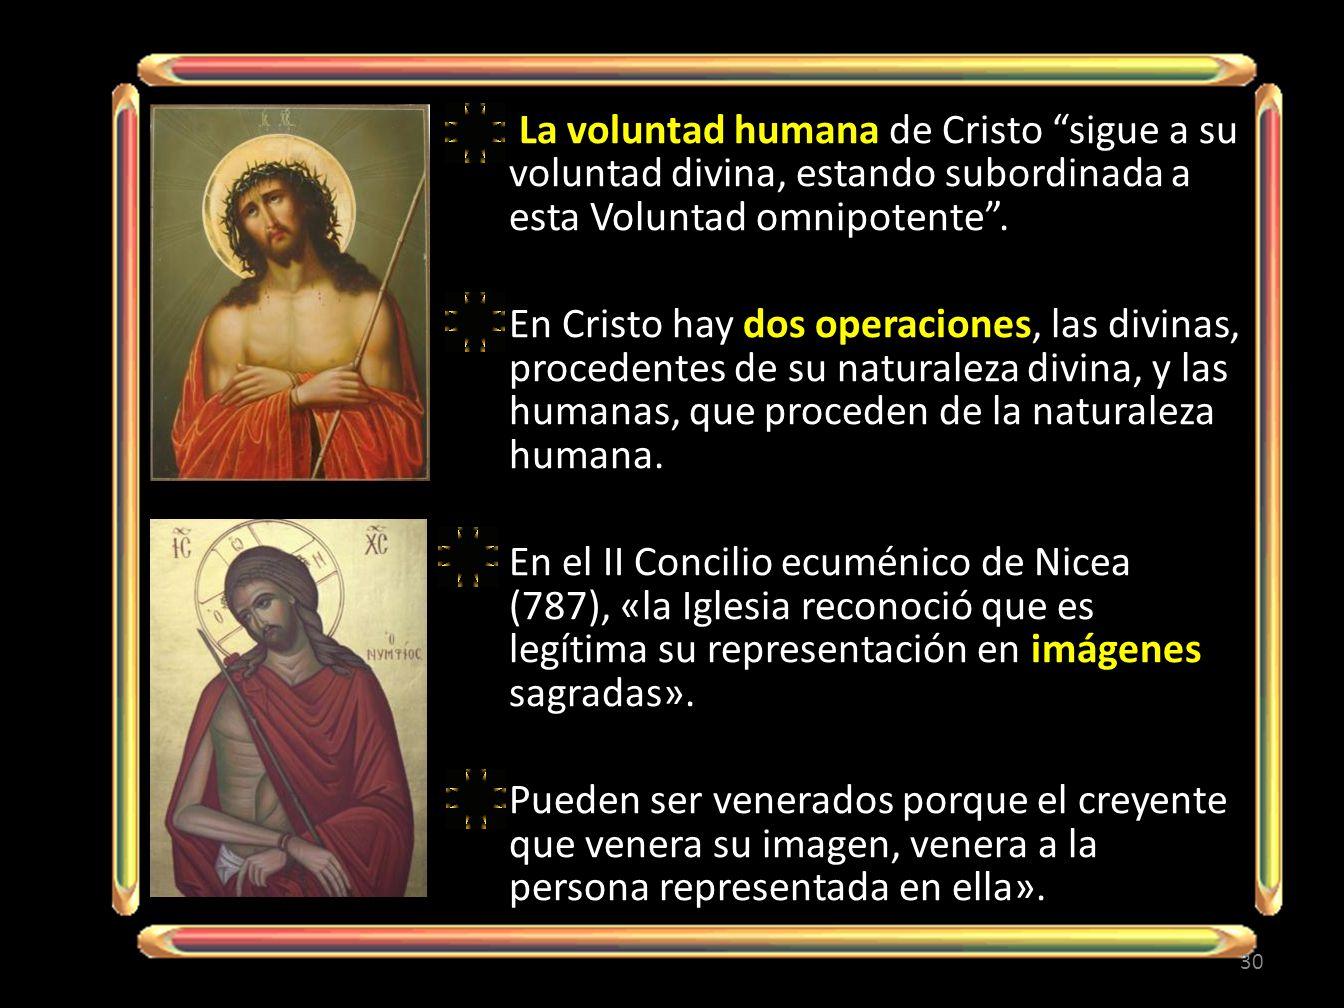 La voluntad humana de Cristo sigue a su voluntad divina, estando subordinada a esta Voluntad omnipotente .